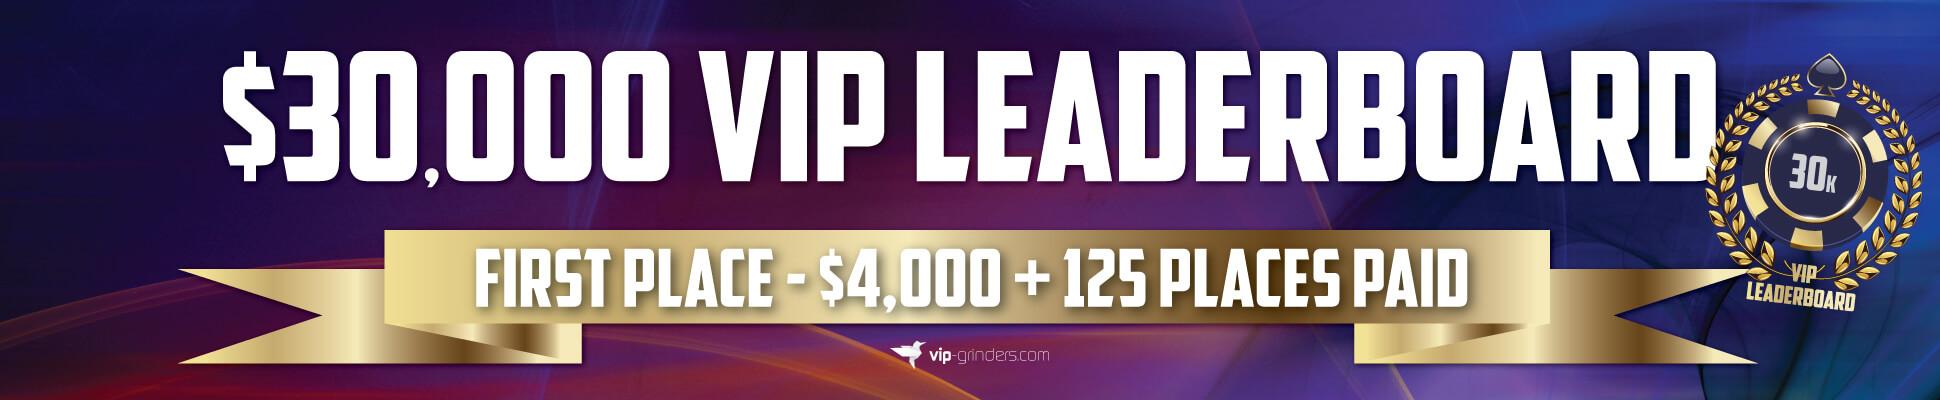 $30k VIP Leaderboard